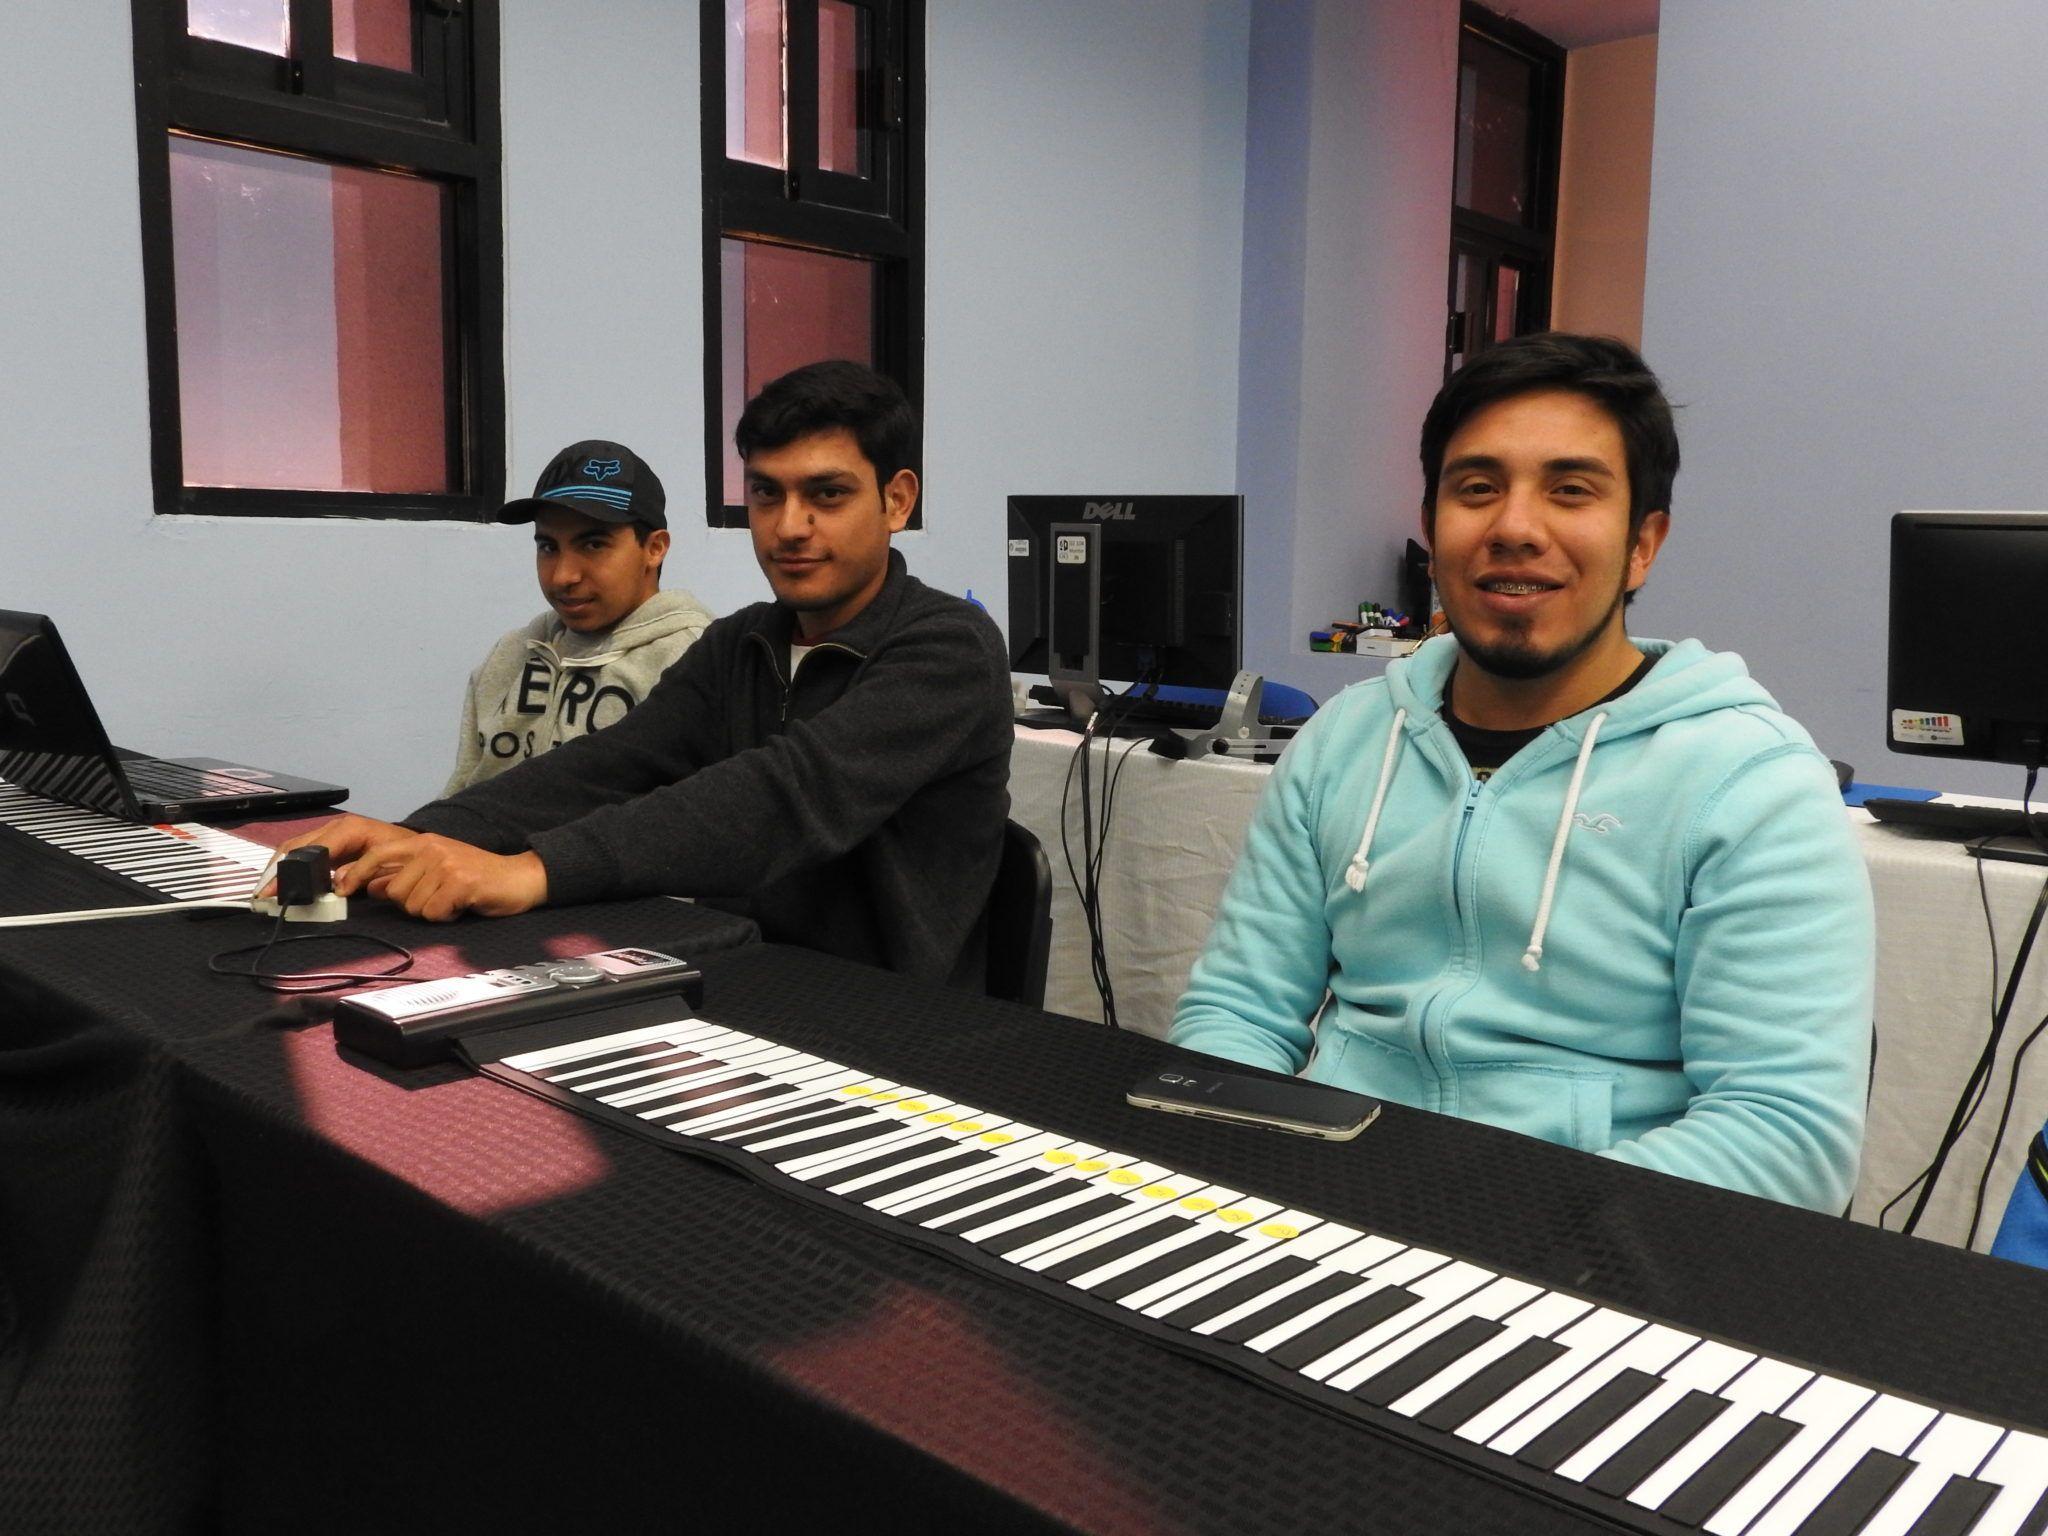 La Universidad Autónoma de Ciudad Juárez en la localidad, ha dado inicio al Diplomado de especialidad en educación musical aplicada, el cual está dirigido..